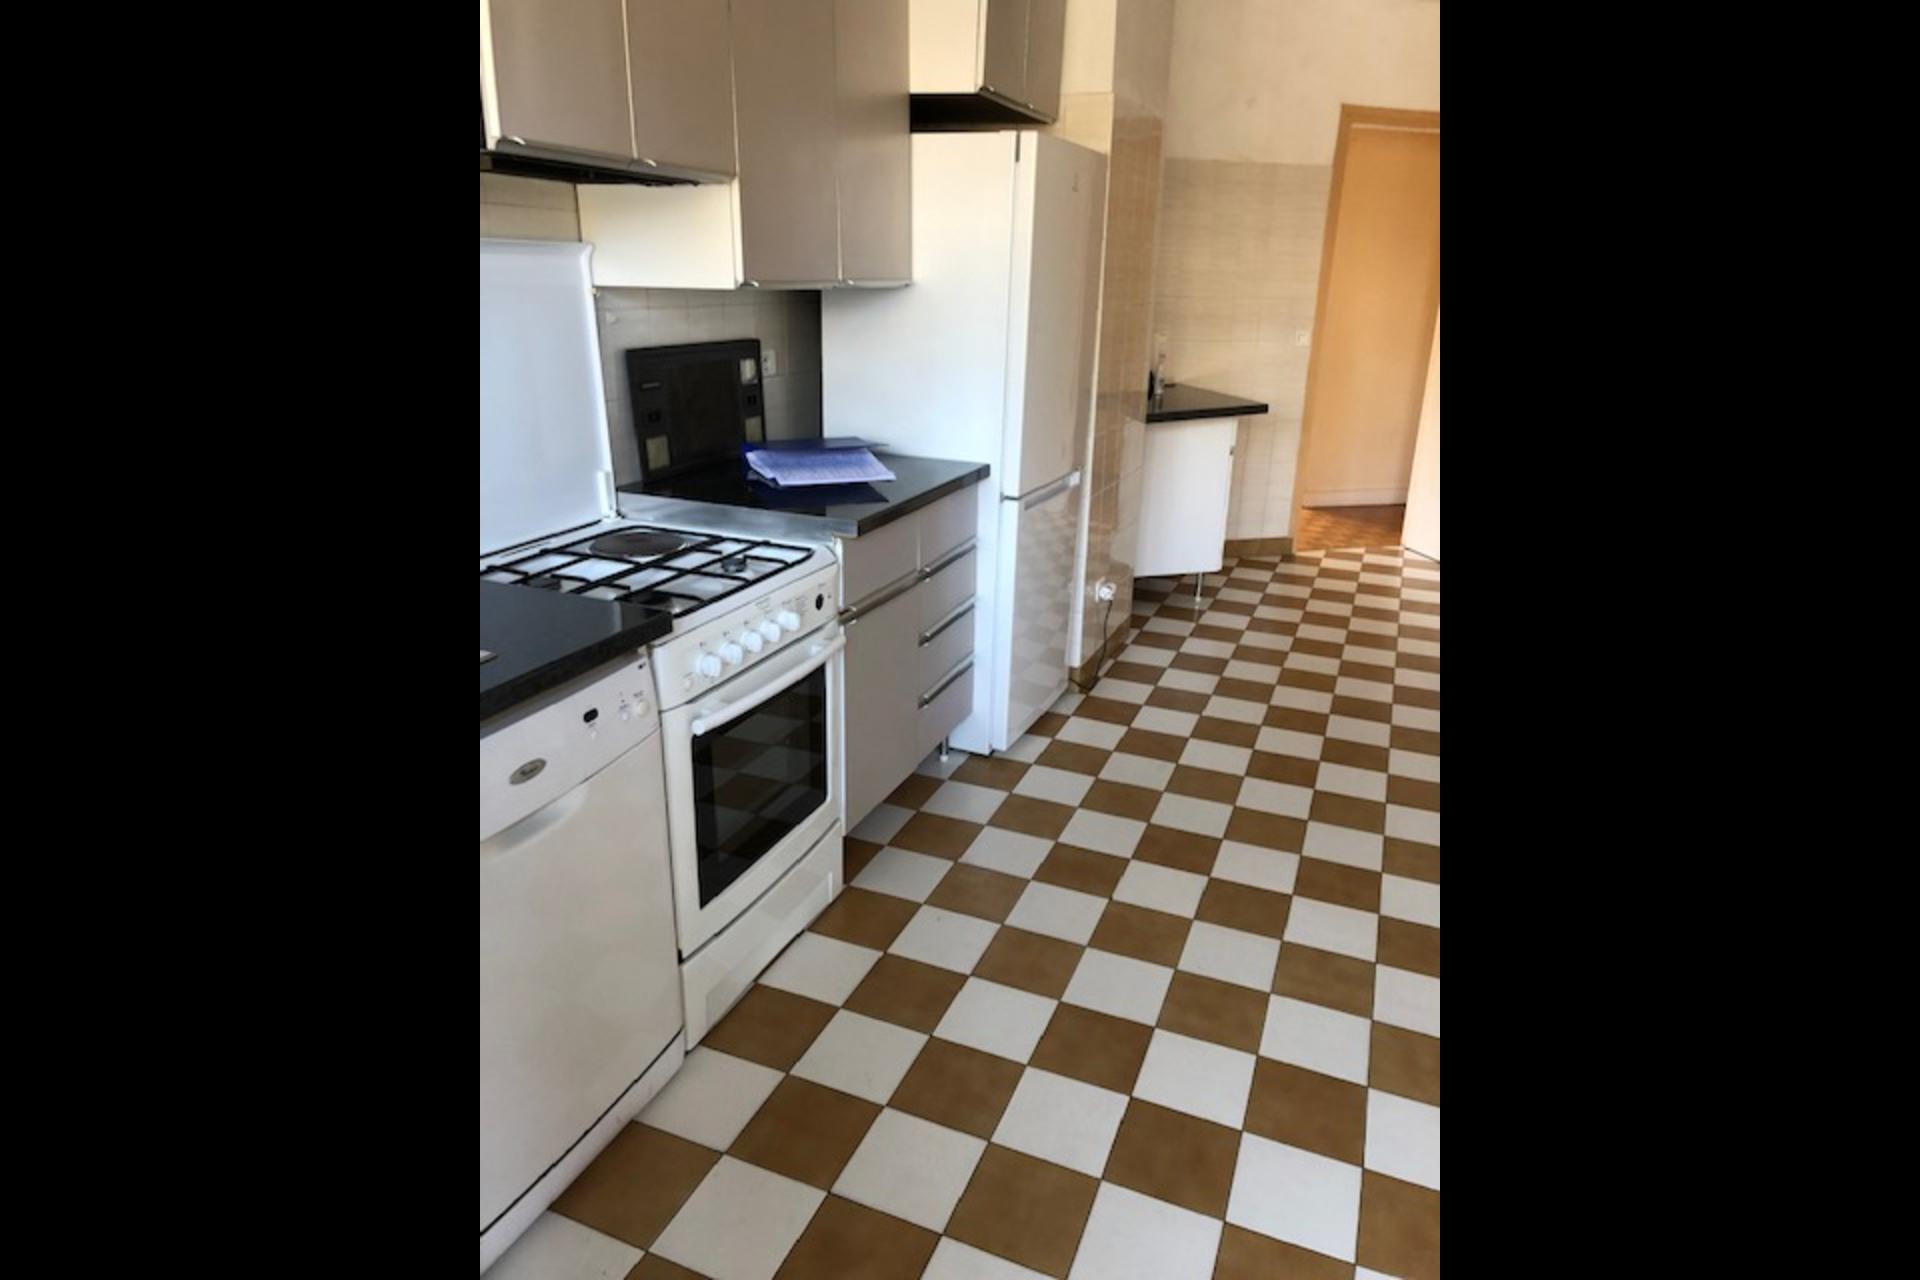 image 5 - Apartment For rent saint germain en laye - 5 rooms